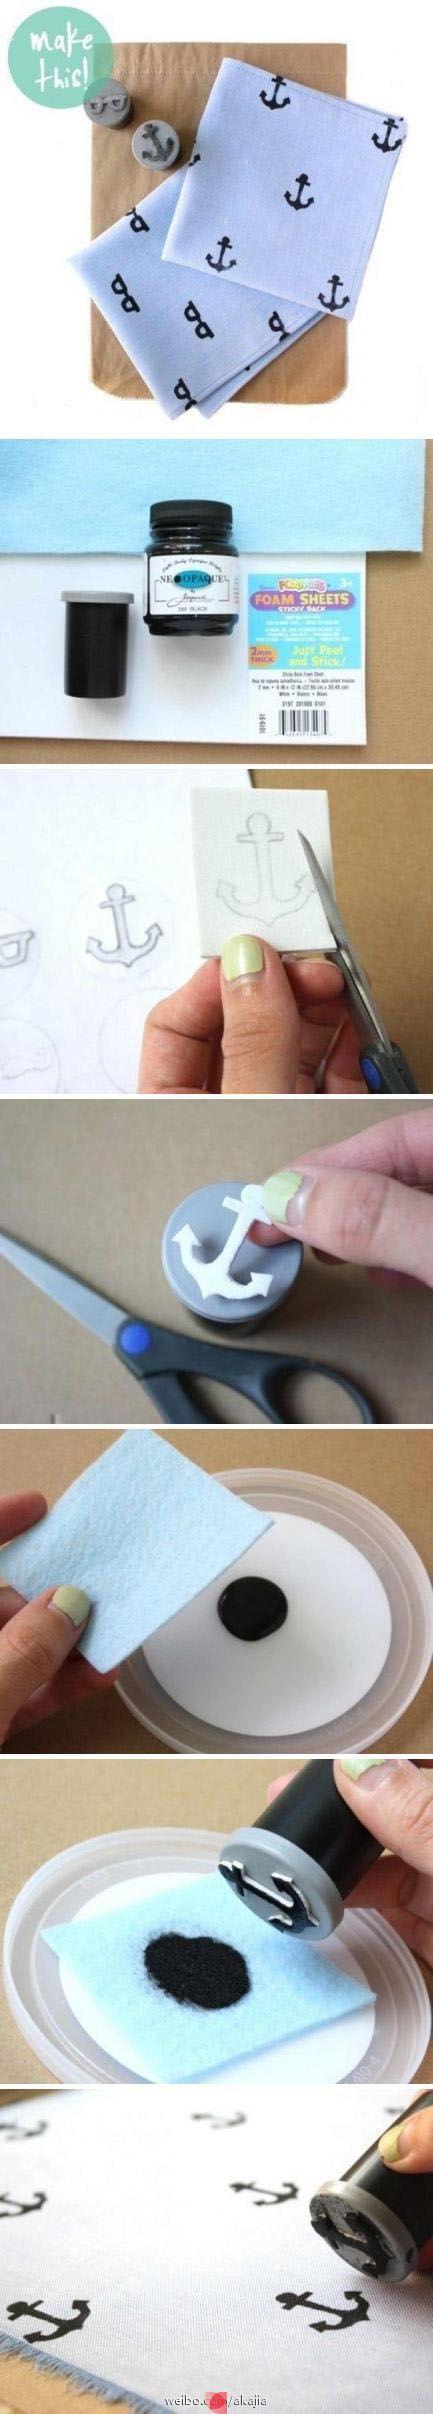 DIY printing: